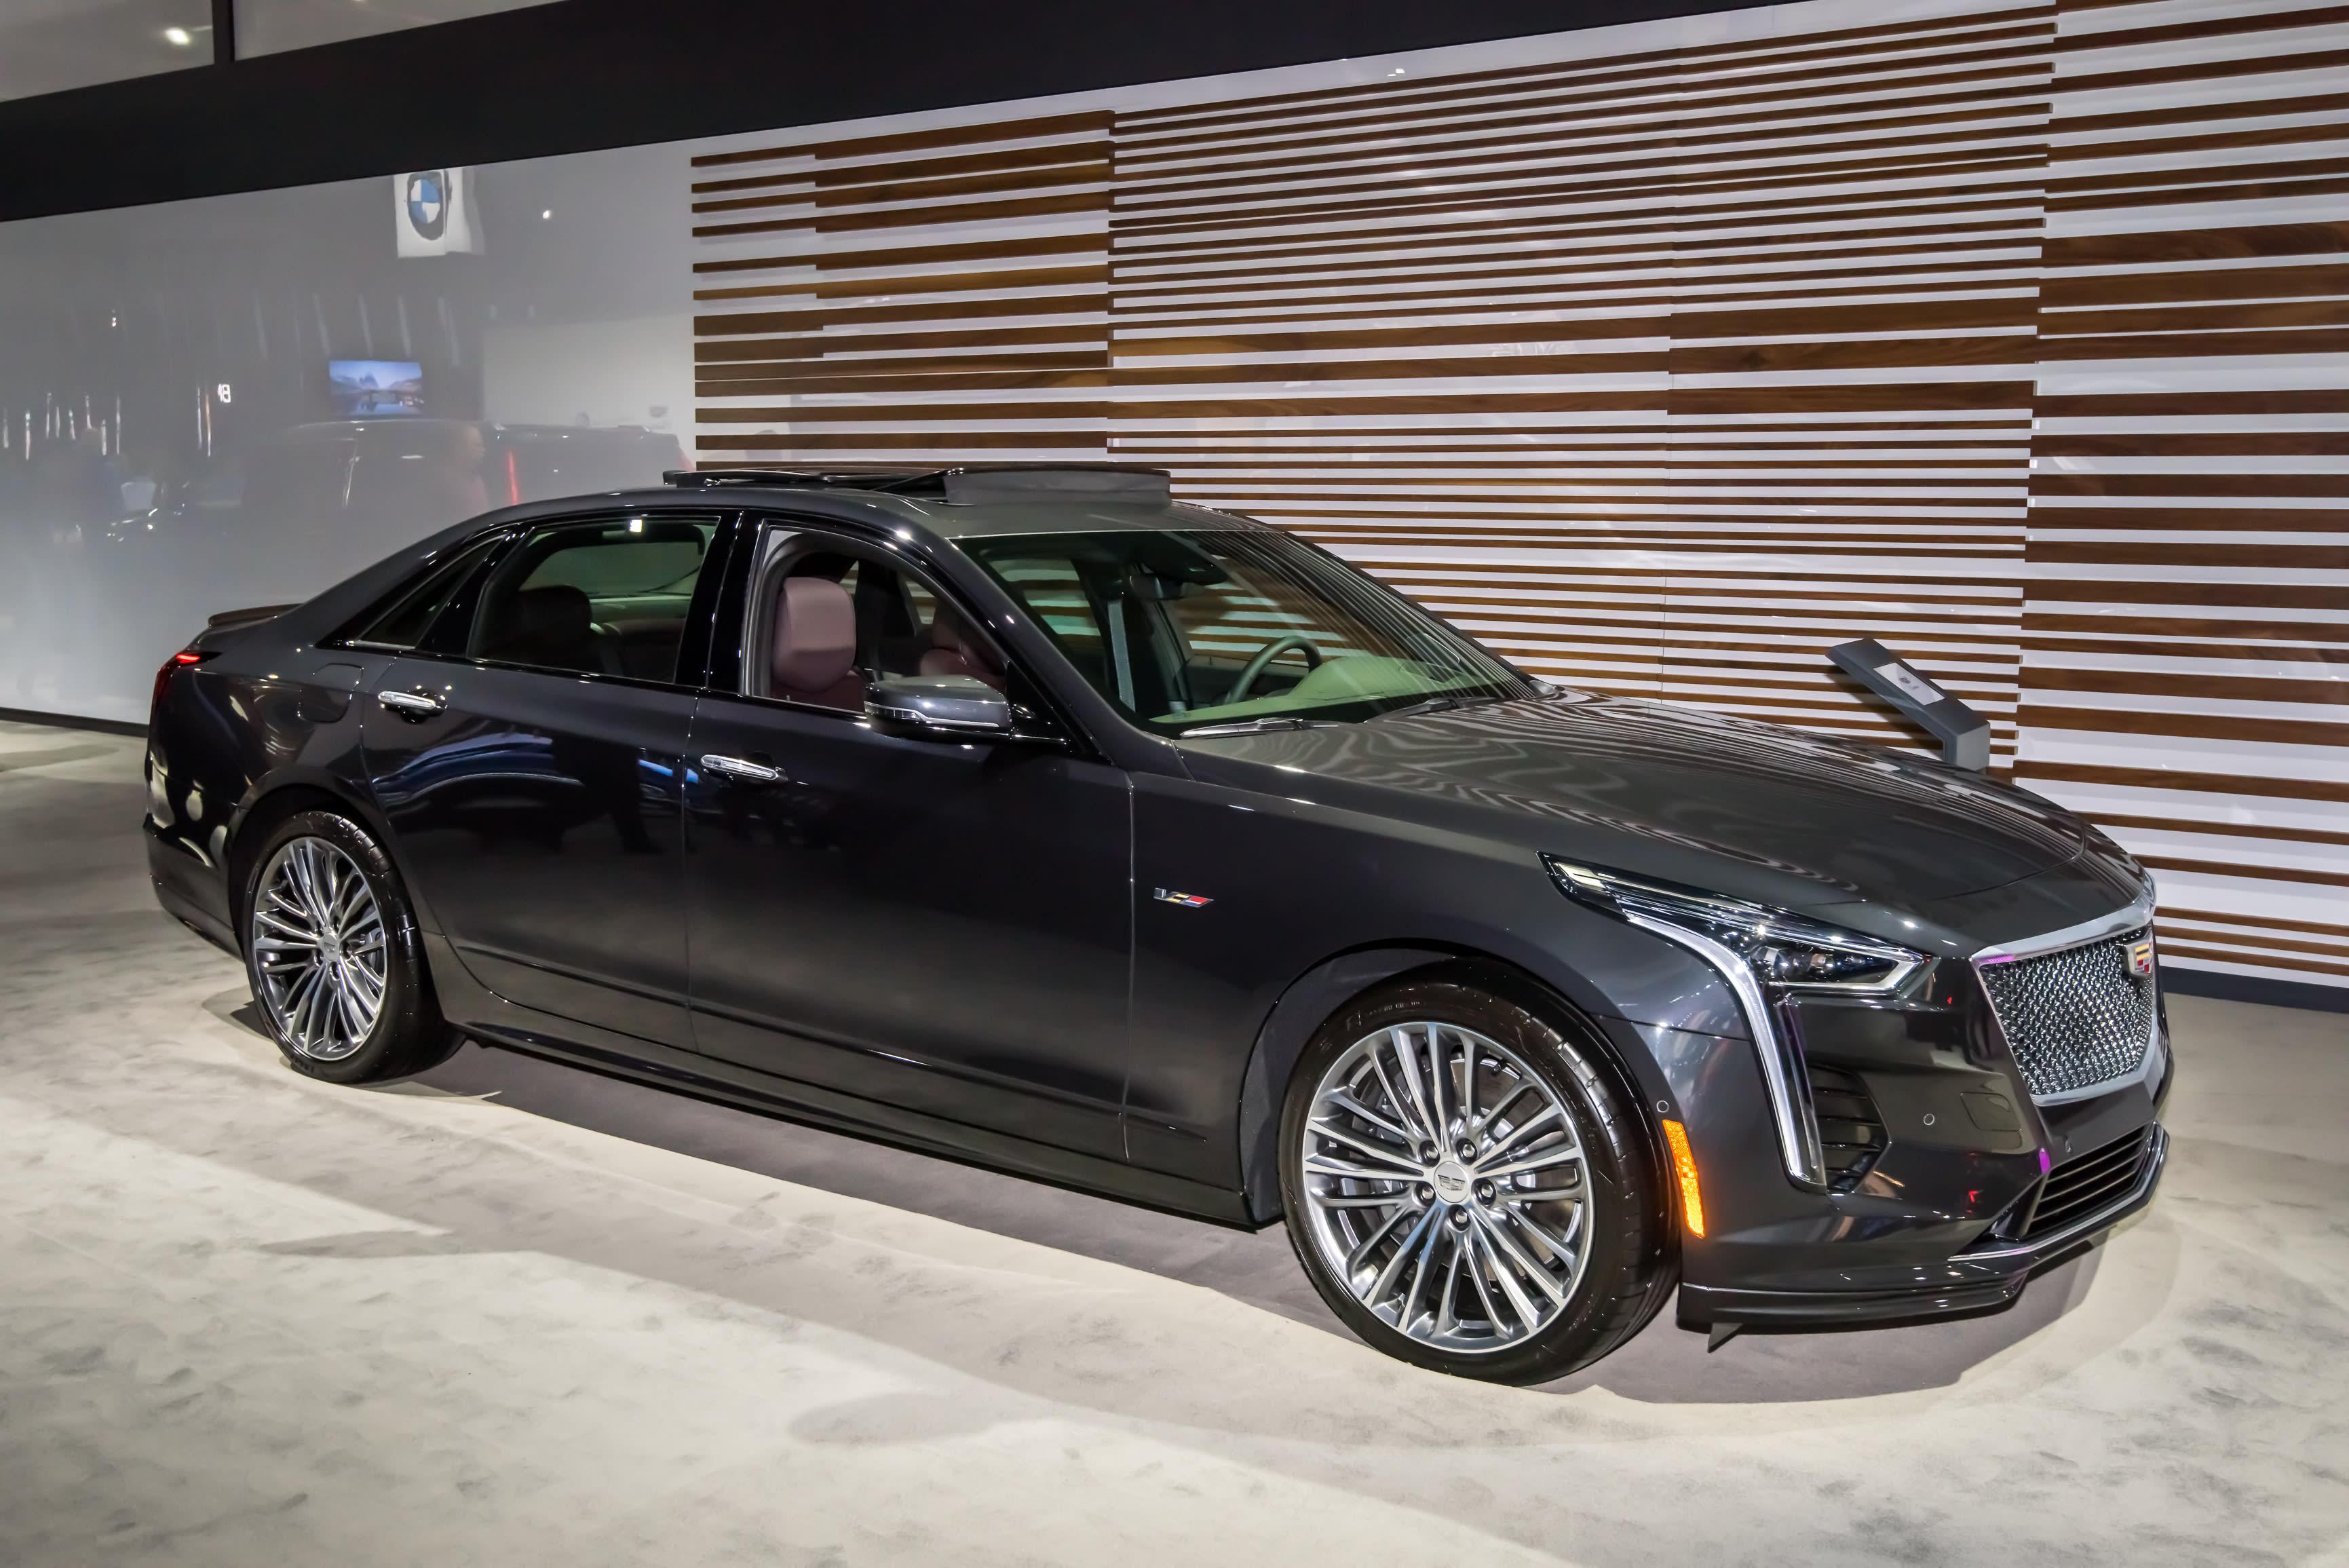 General Motors LLC Recalls 2019 Cadillac CT6 Vehicles for Turn Signal Defect